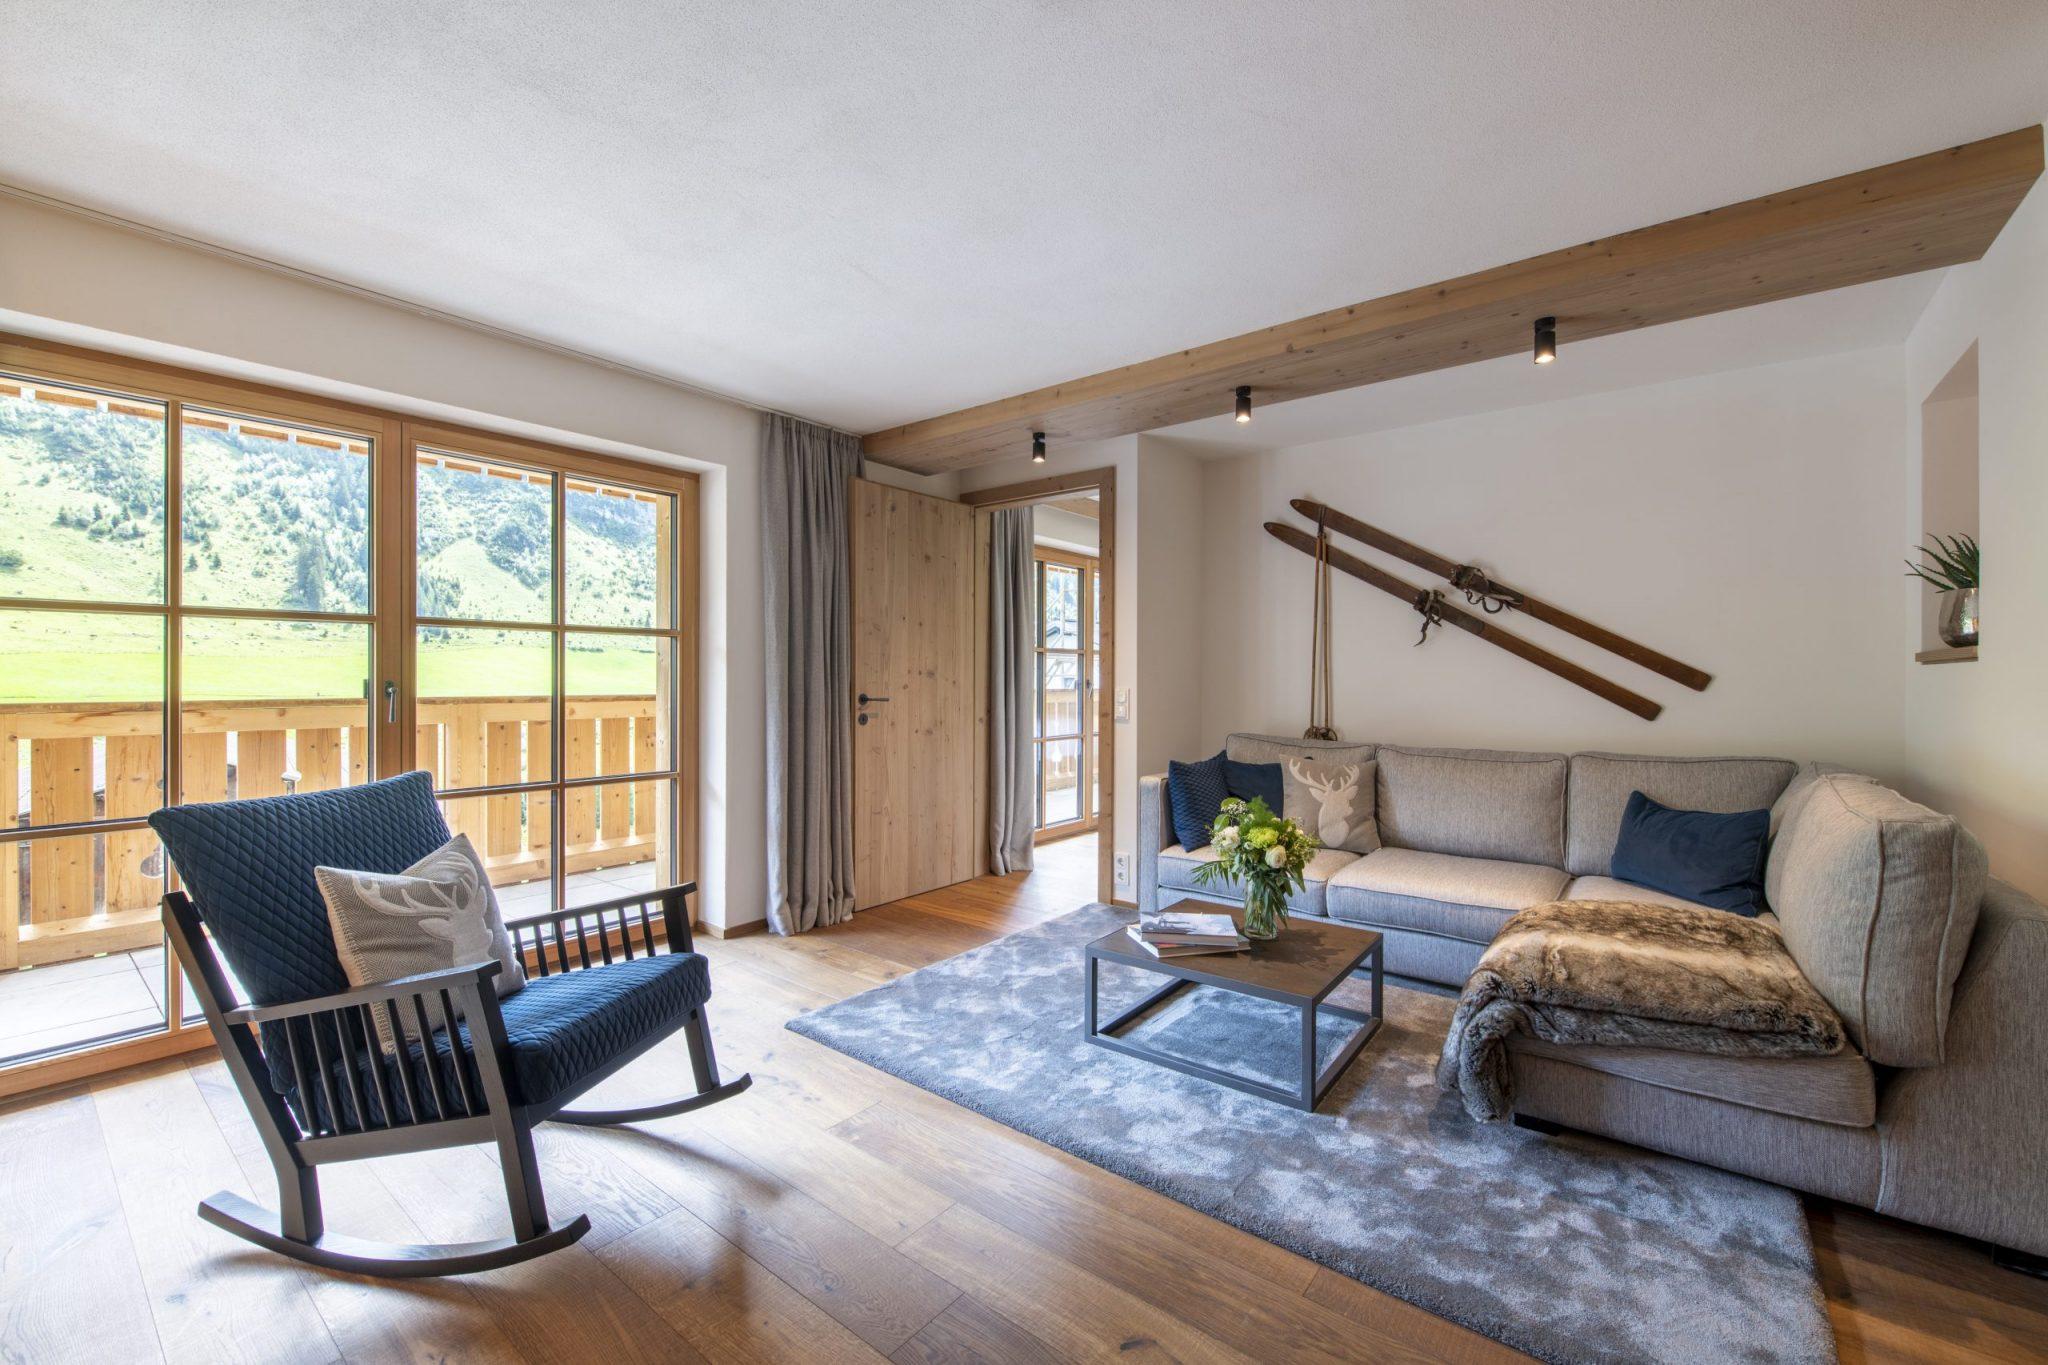 brunnenhof-5-12437-scaled